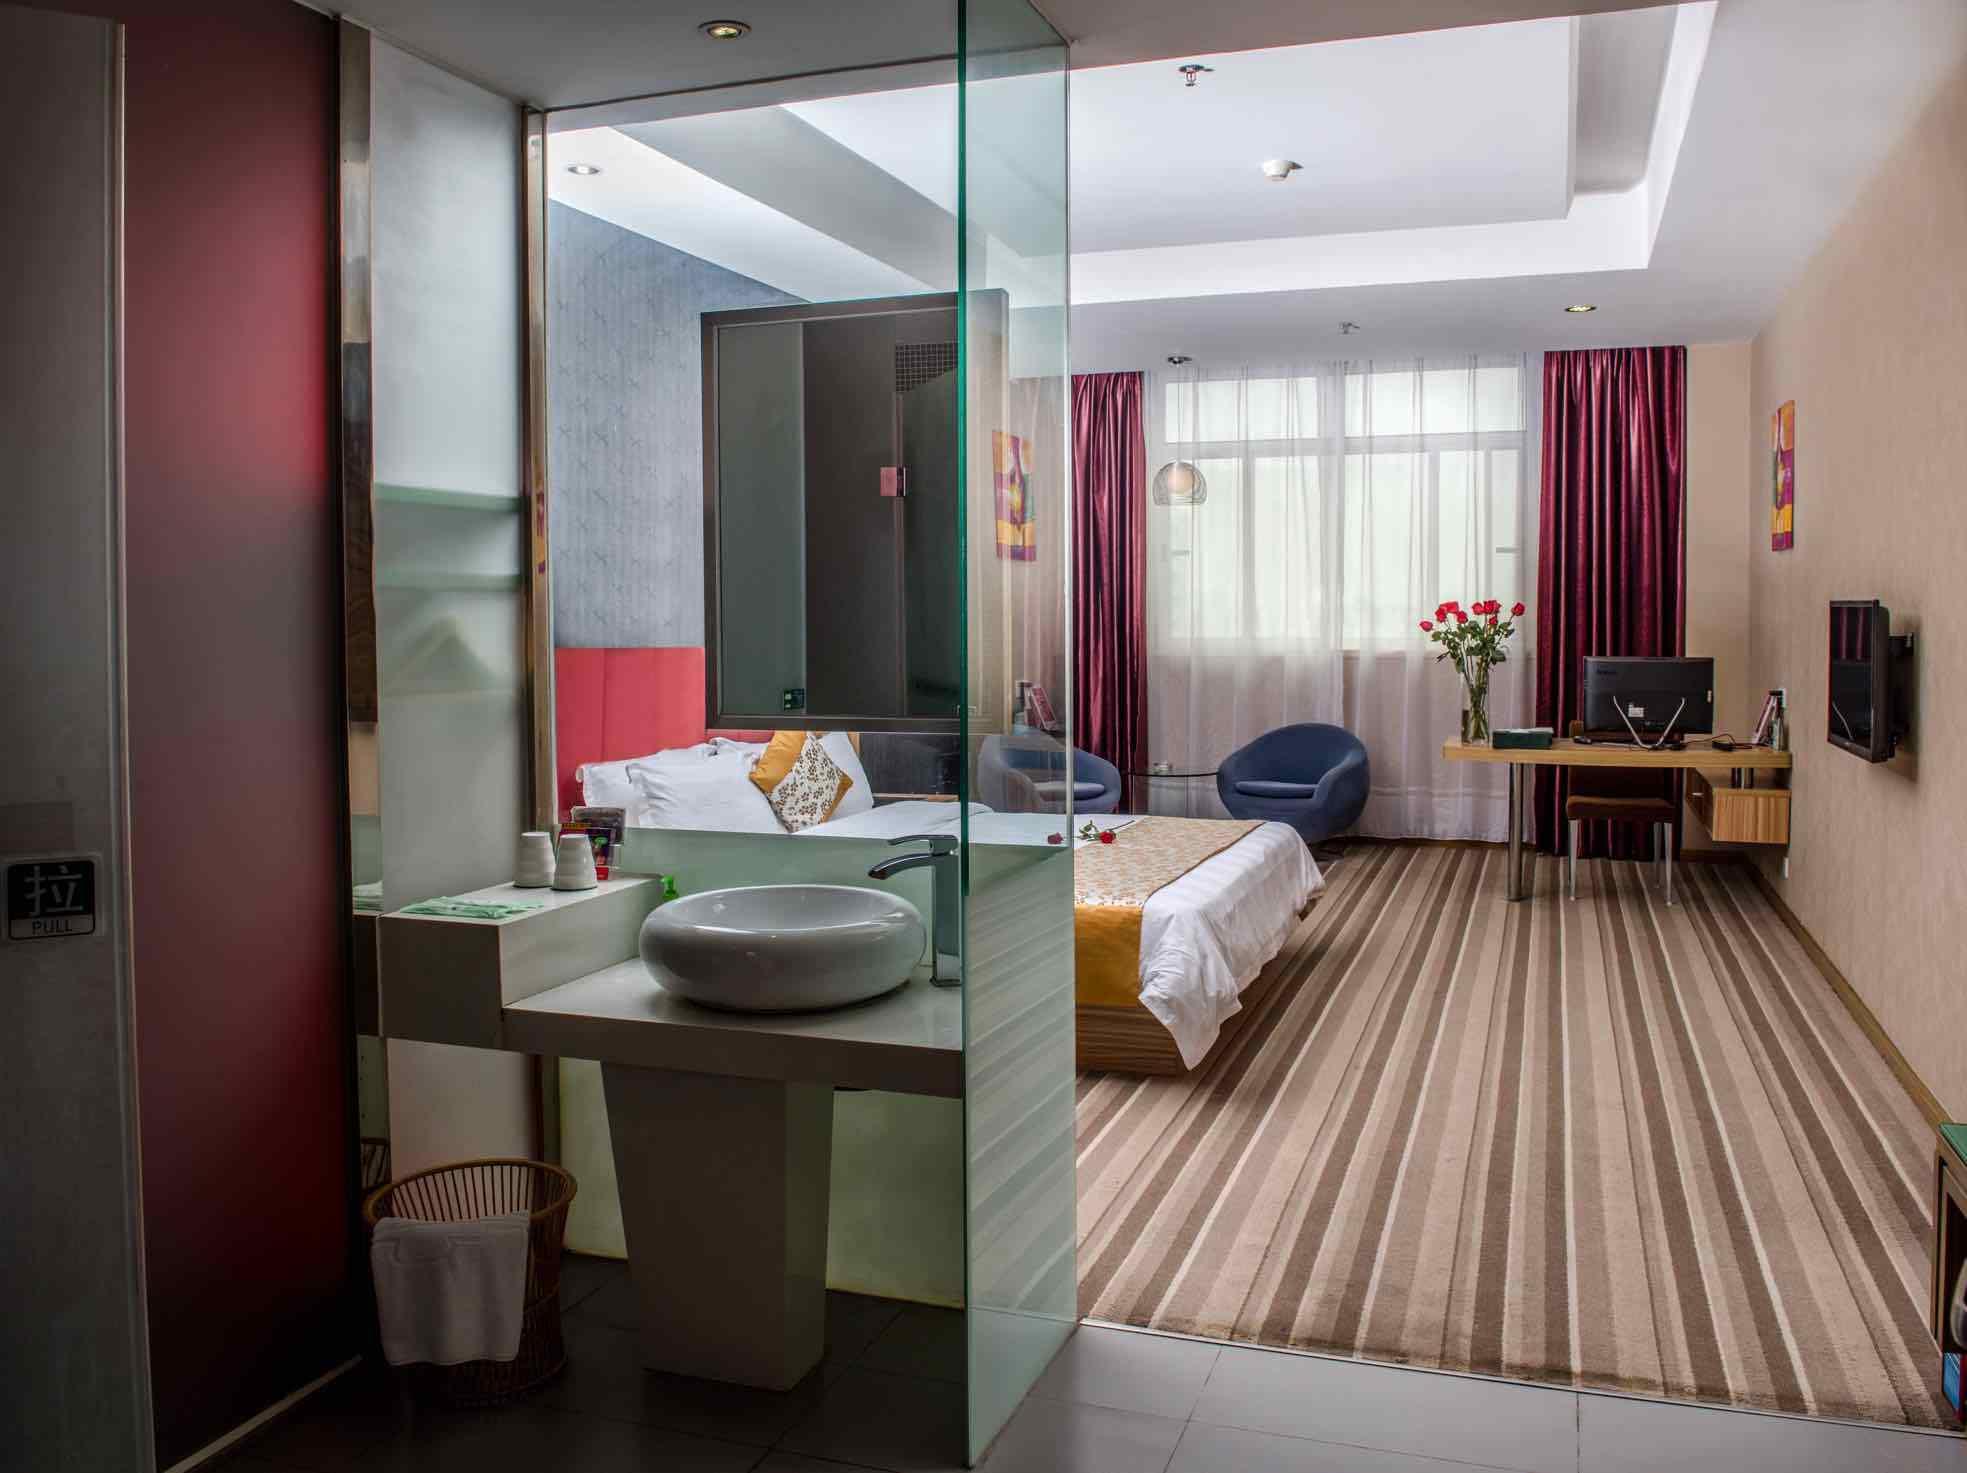 7 Days Inn Guangzhou Yifa Street Branch Best Price On Shanshui Trends Hotel Panyu Branch In Guangzhou